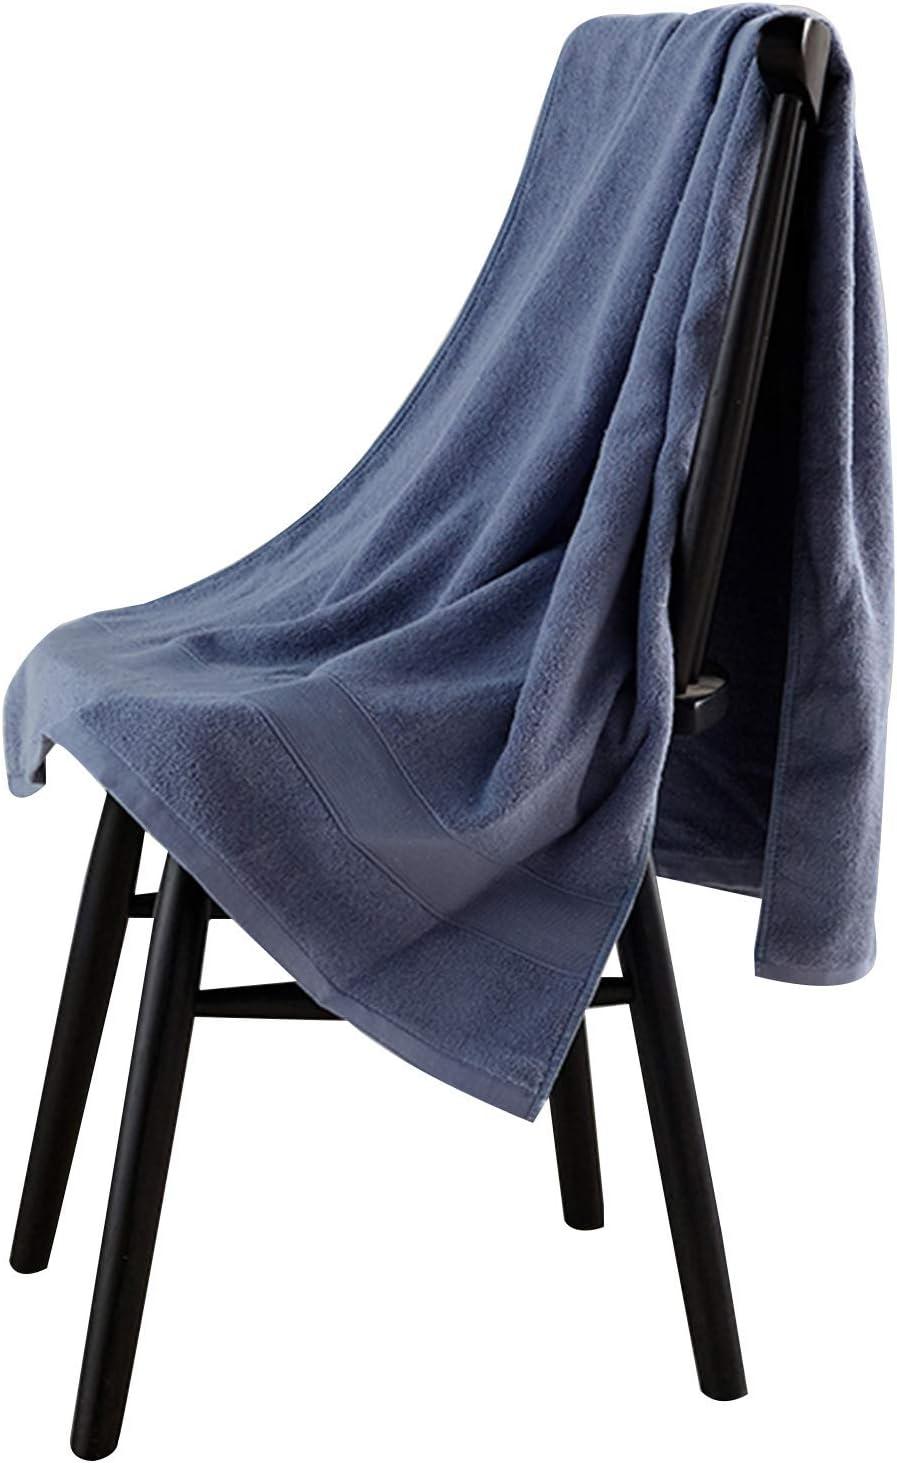 WFF toallas de baño Toallas de baño 100% algodón Toallas de secado rápido para baño Habitaciones de bañera de hidromasaje Piscina Gimnasio Campamento Travel College Dorm Dorm Quality Soft and Absorben